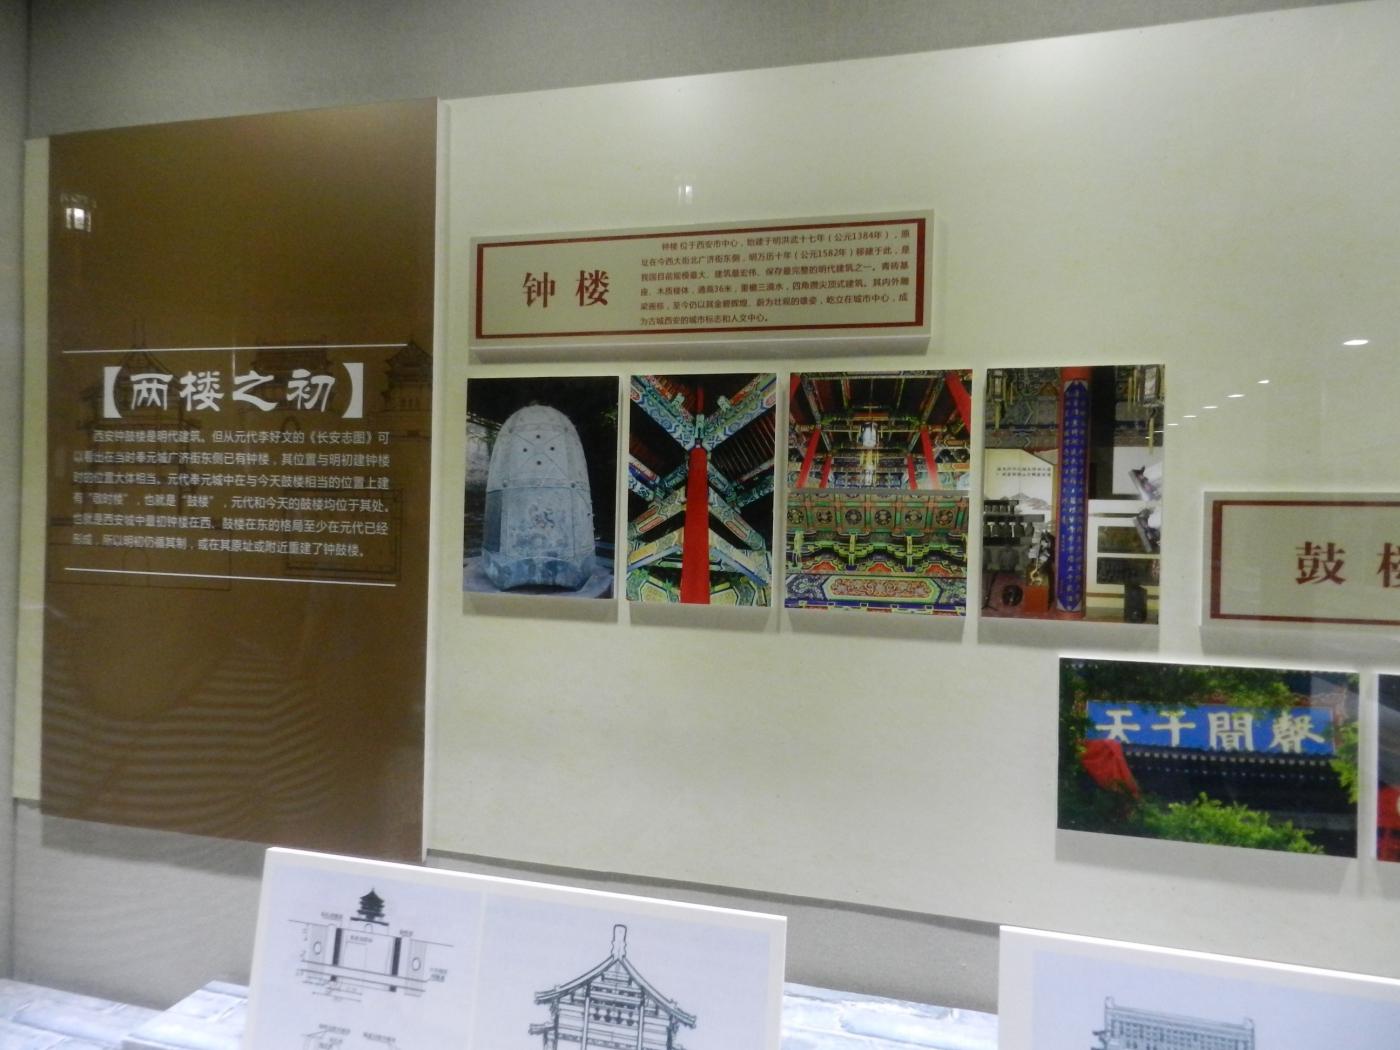 【汉良子】西安钟楼(图)_图1-7